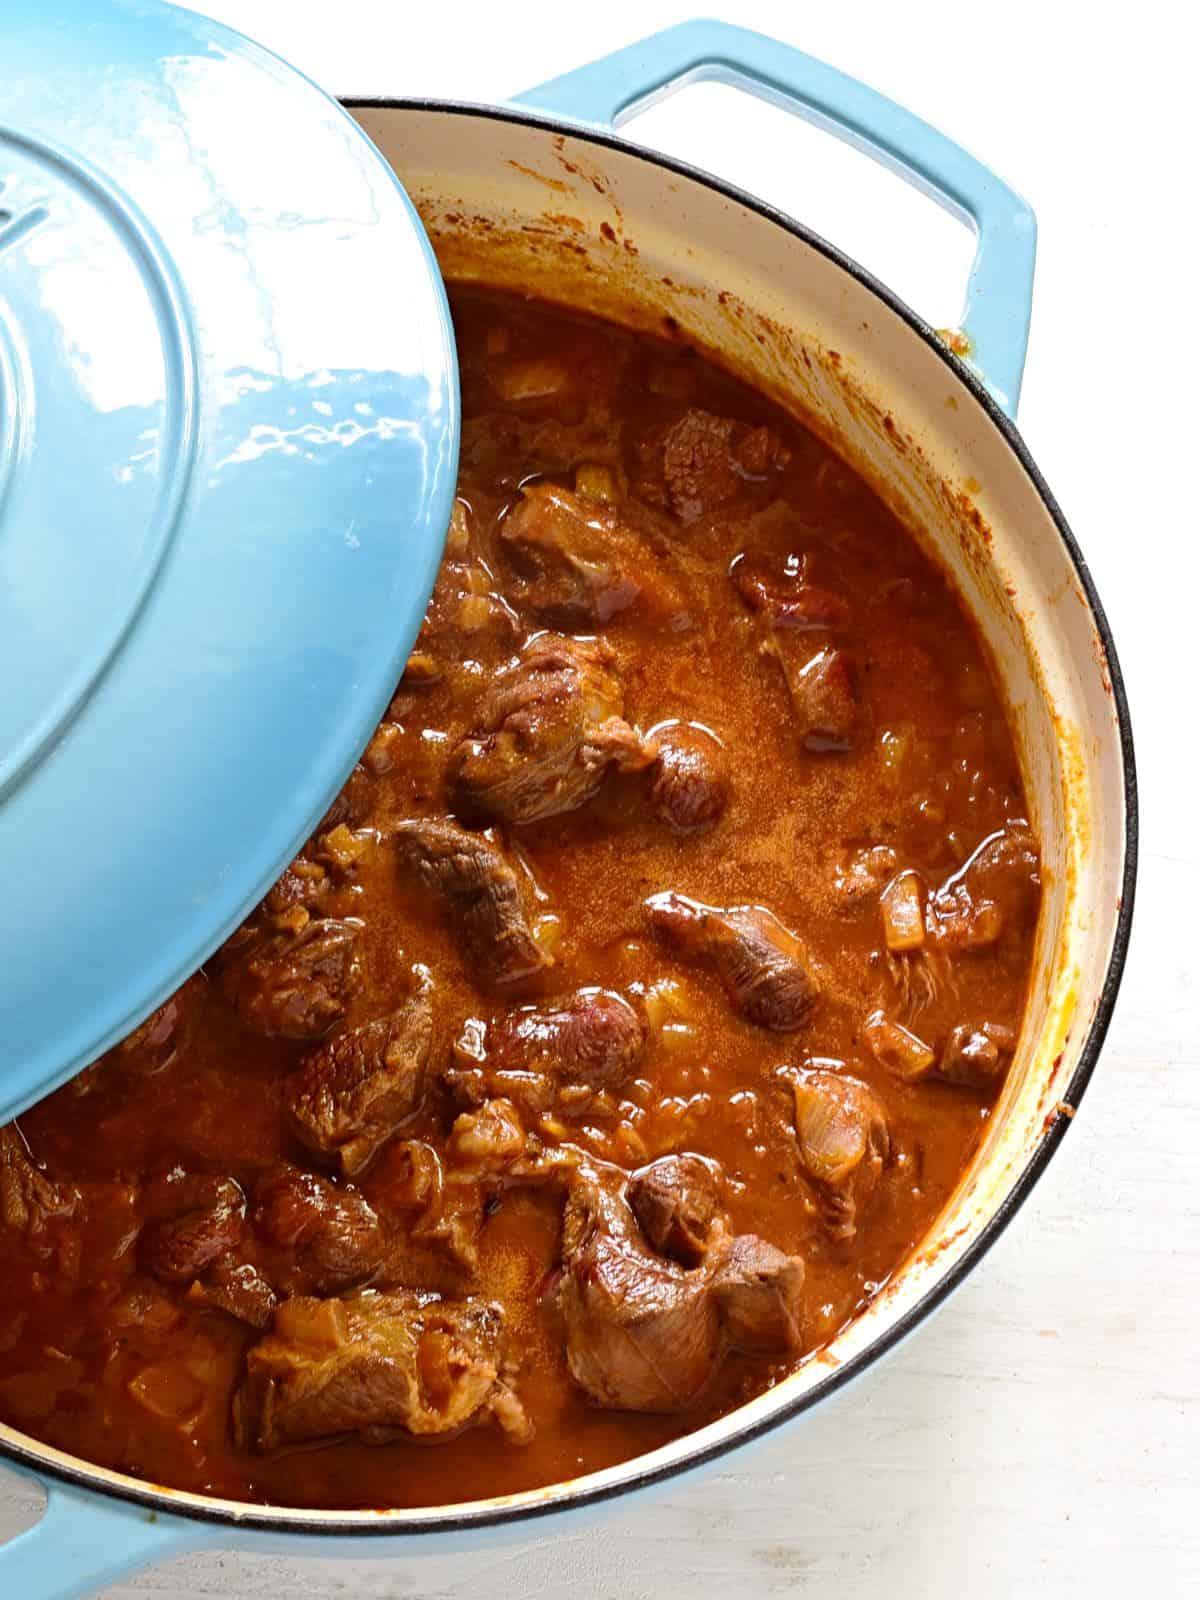 Saftiges Gulasch in der Sautépfanne zubereitung.